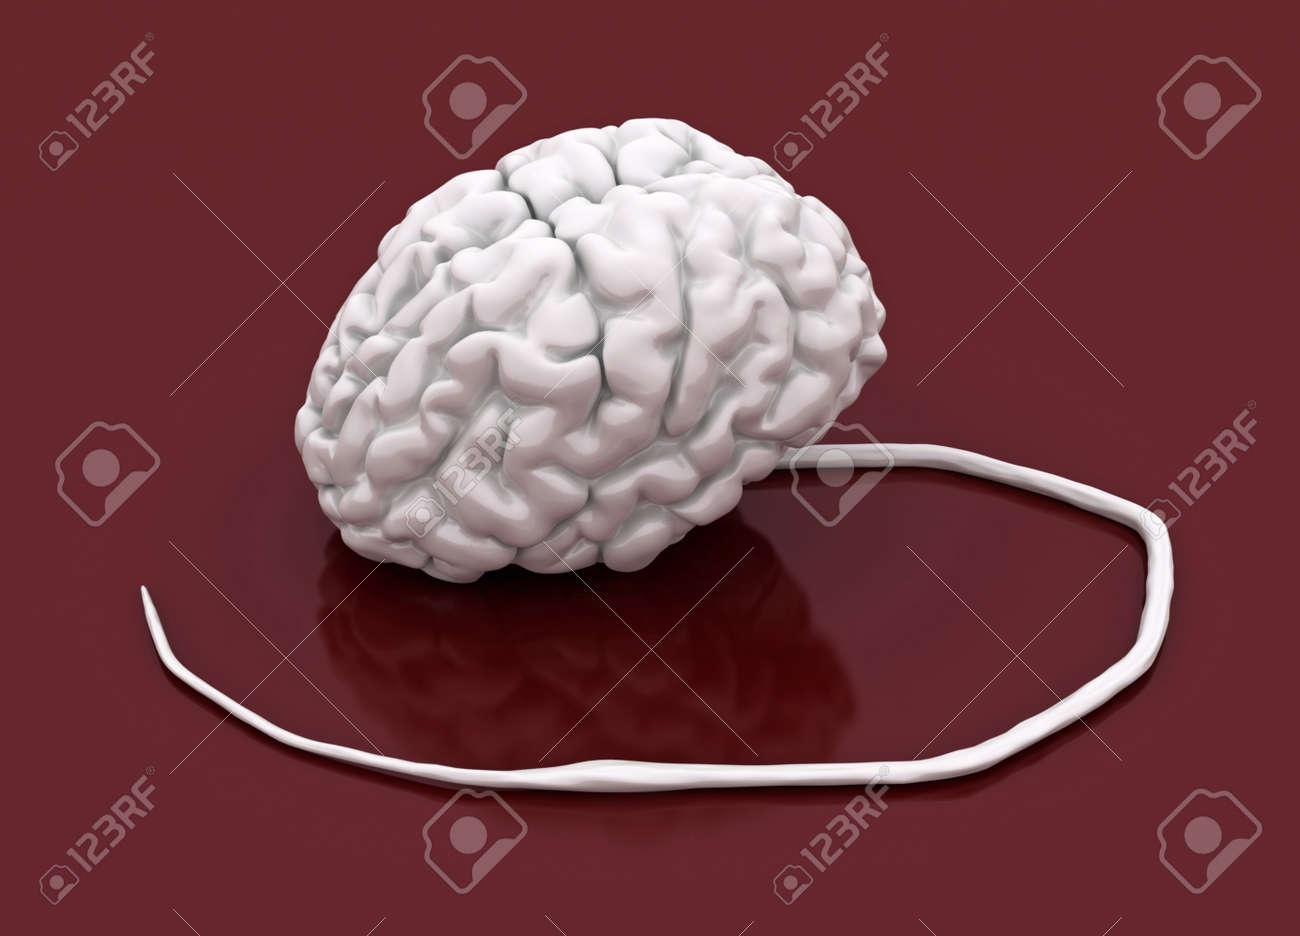 Blanco Humano 3d Cerebro Y La Médula Espinal Modelo Fotos, Retratos ...